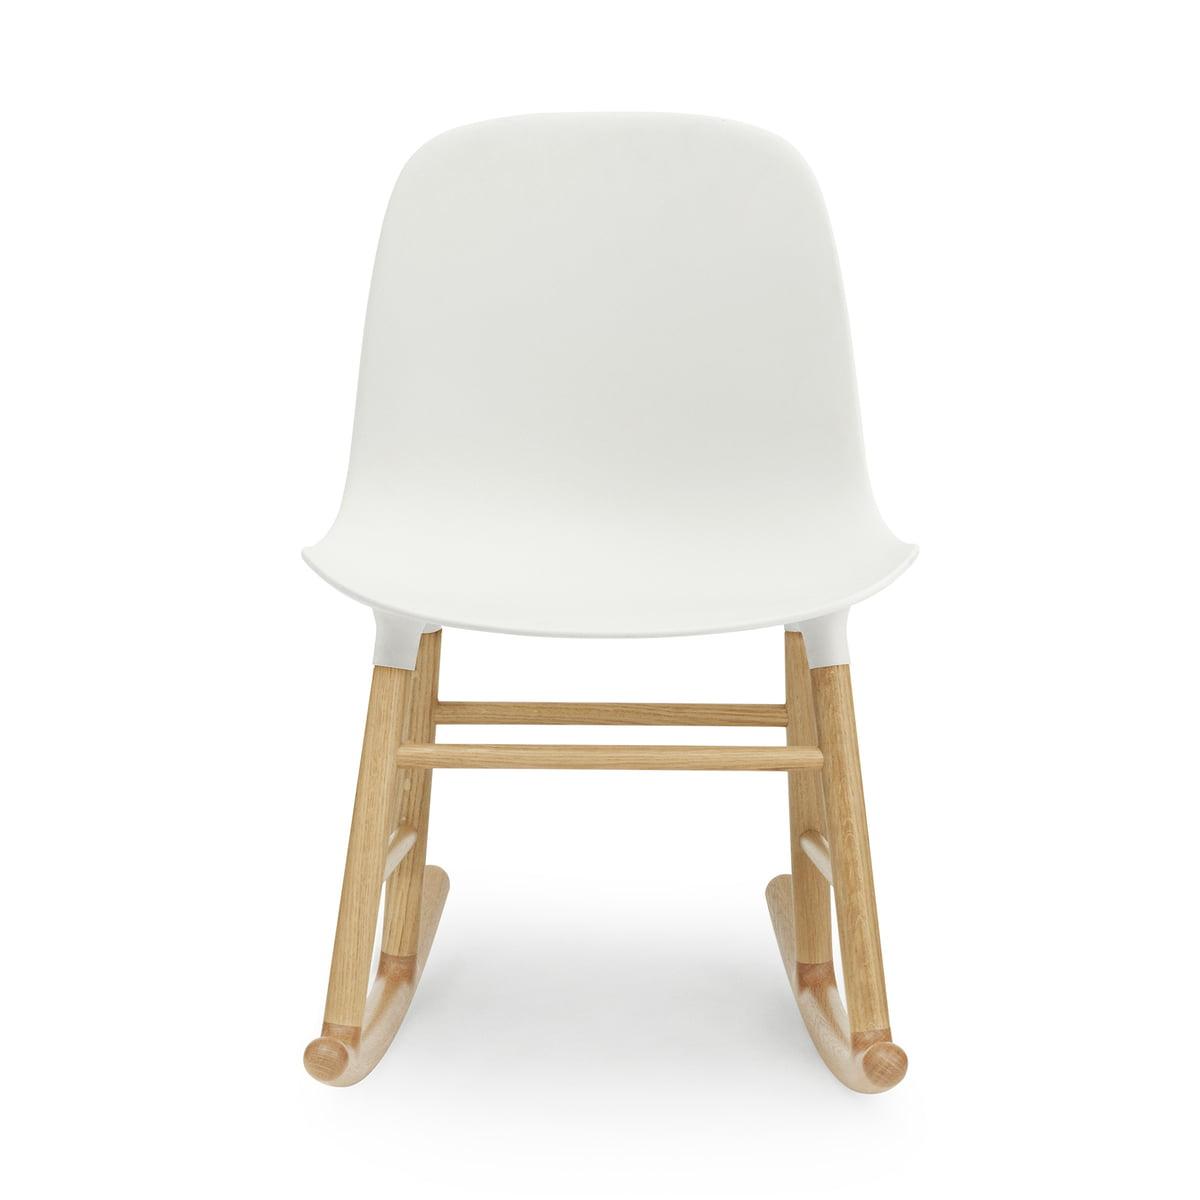 la chaise bascule de normann copenhagen dans l 39 e boutique. Black Bedroom Furniture Sets. Home Design Ideas